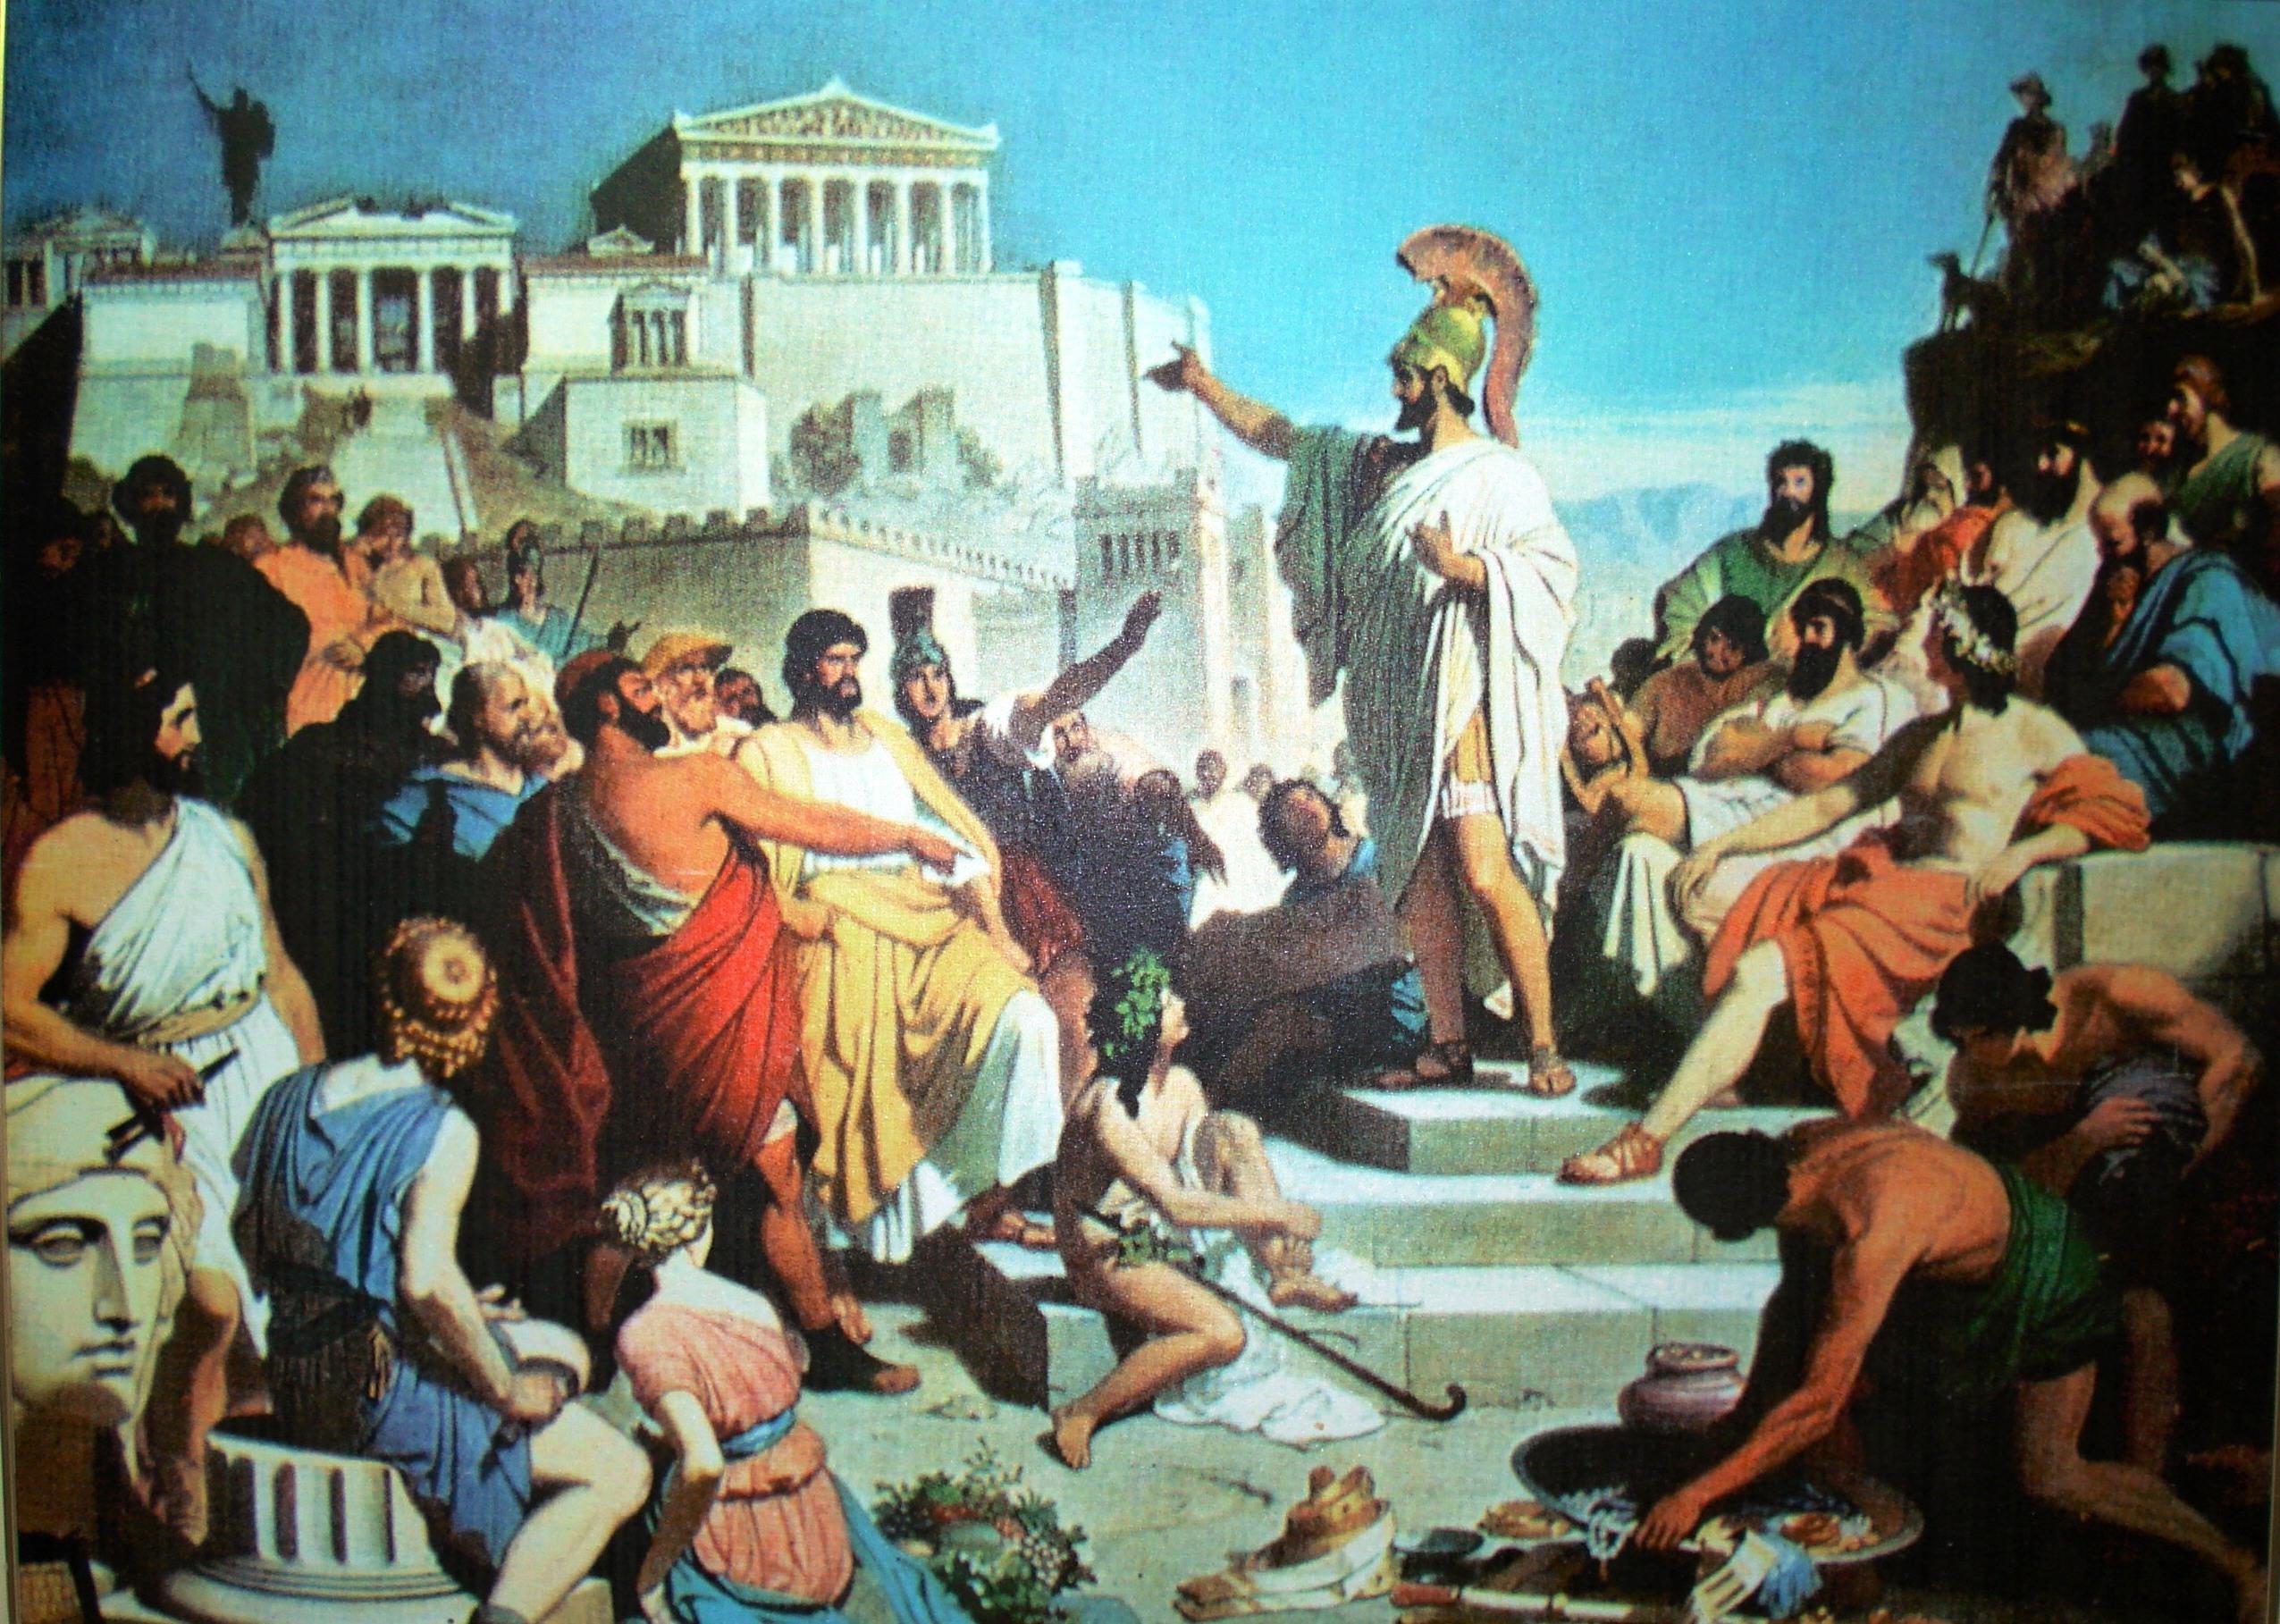 """""""… φιλοσοφούμεν τε γαρ άνευ μαλακίας"""". Τι σημαίνει η φράση του Περικλή που """"αγαπούν"""" οι μαθητές στο μάθημα των αρχαίων και έχουν παρεξηγήσει οι Νεοέλληνες"""